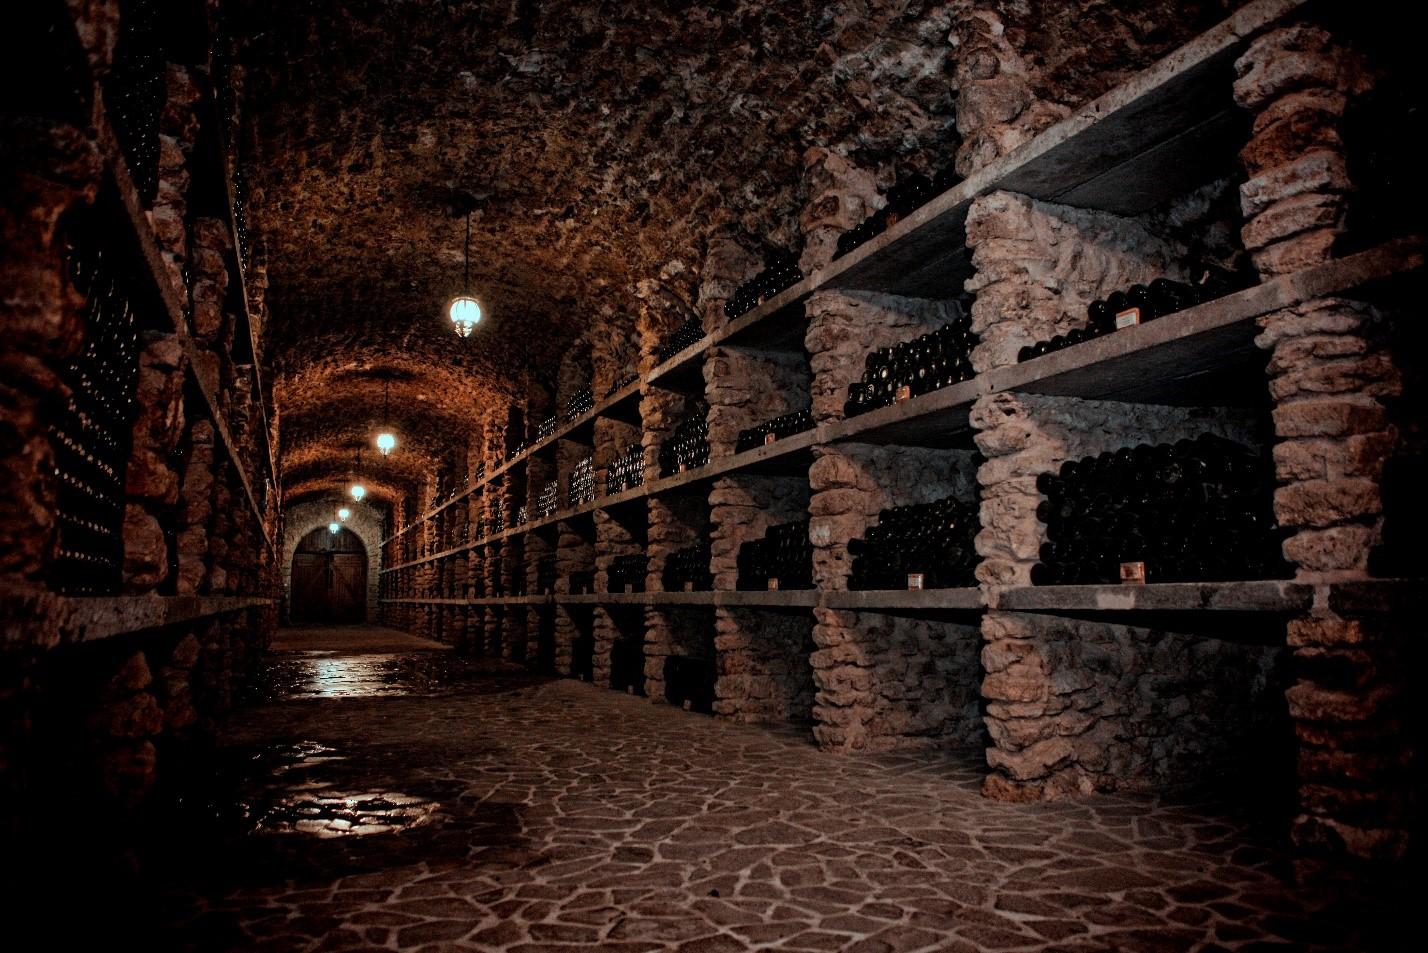 5 день Экскурсия по винодельческому комплексу + дегустация украинских вин. Аскания Нова